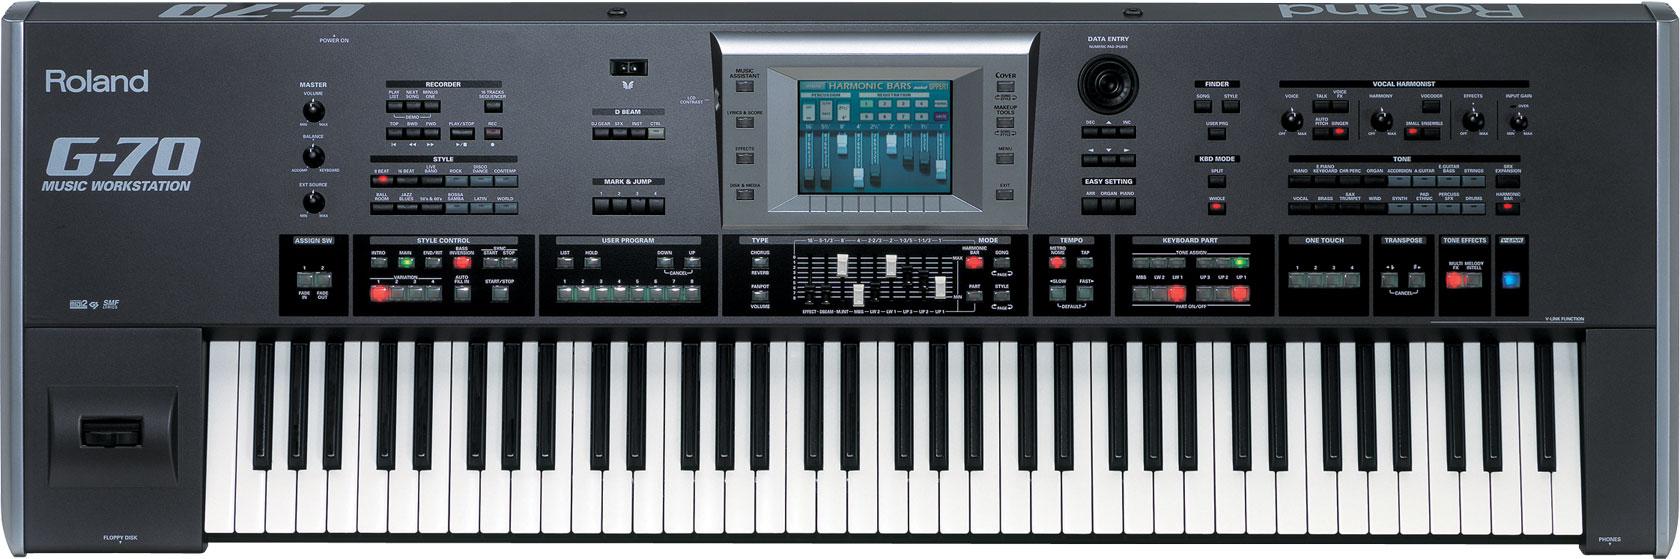 G-70 | Music Workstation - Roland